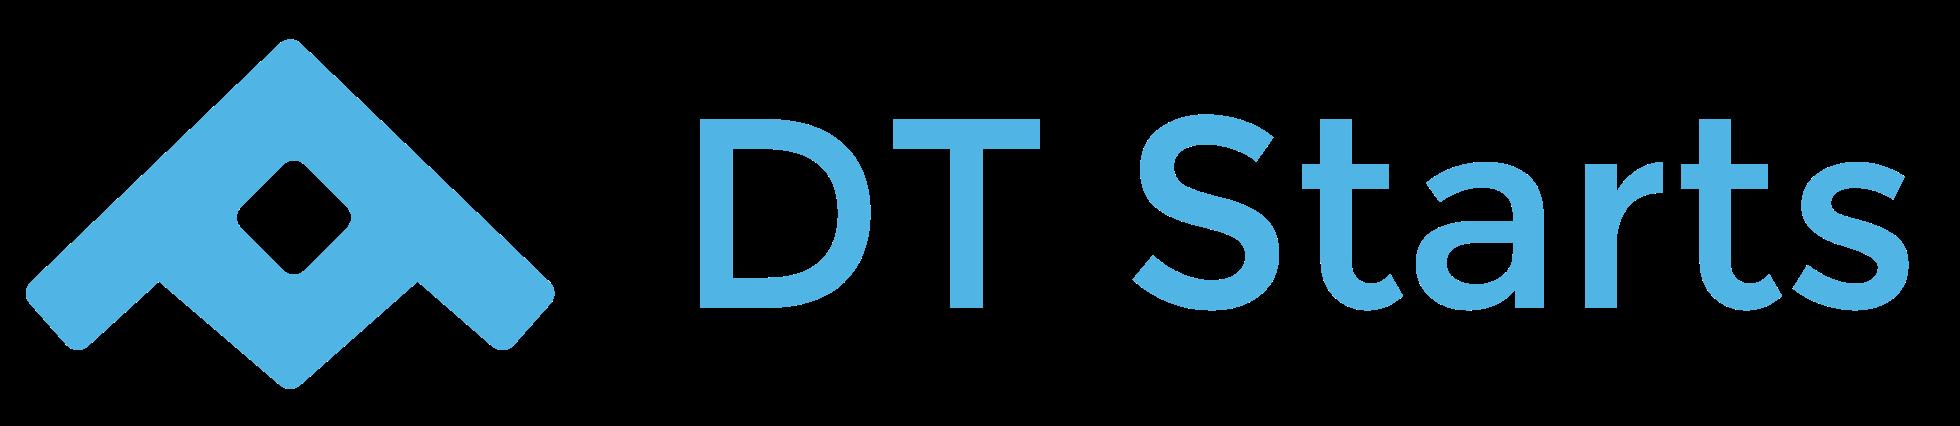 DT Starts Logo - Horizontal.png